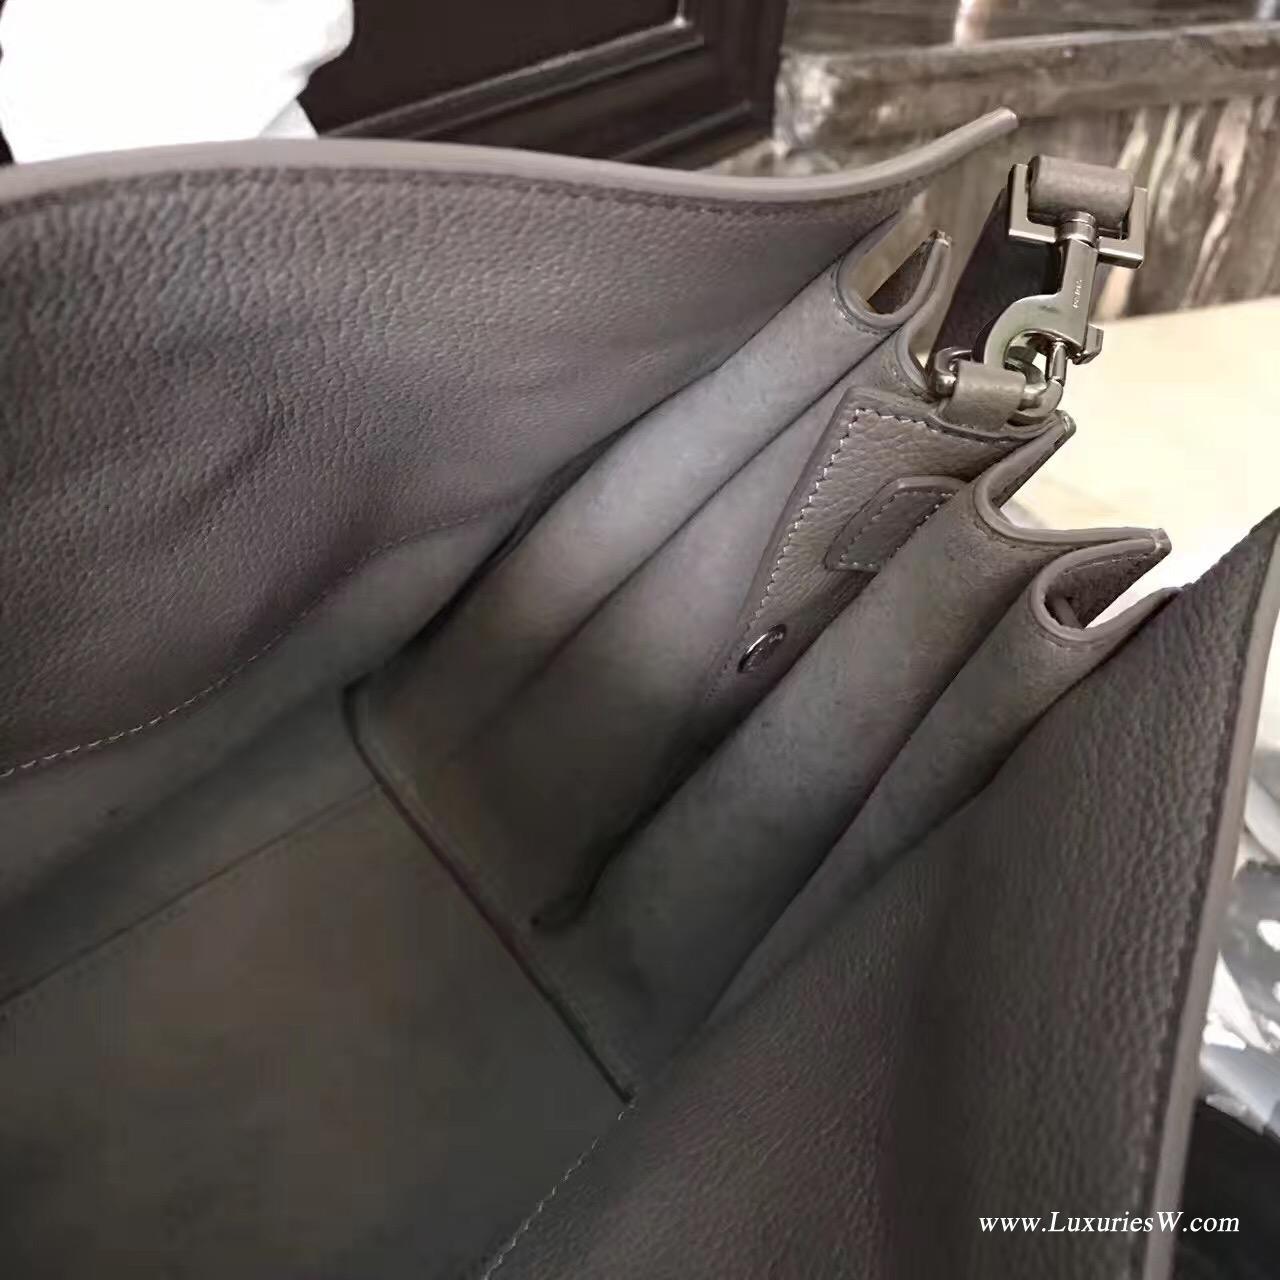 聖羅蘭YSL小号柔和质地SAC DE JOUR包 颗粒纹灰色真皮包